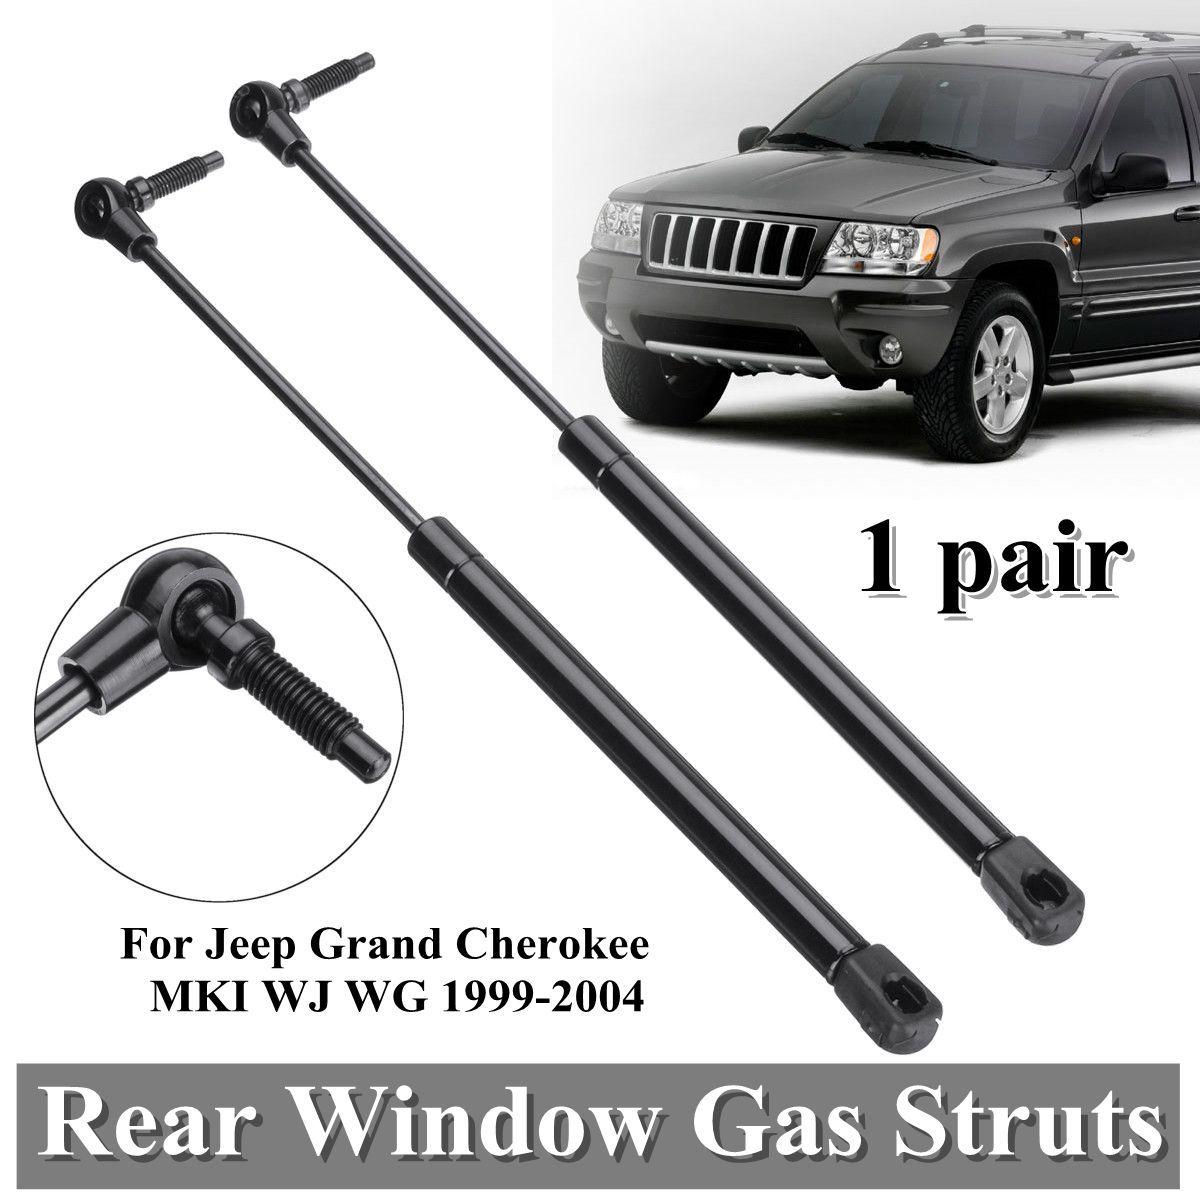 2 stücke Hinten Fenster Boot Gas Unterstützung Federbeine Für Jeep Grand Cherokee MKI WJ WG 1999-2004 55136761AA 55136965AA